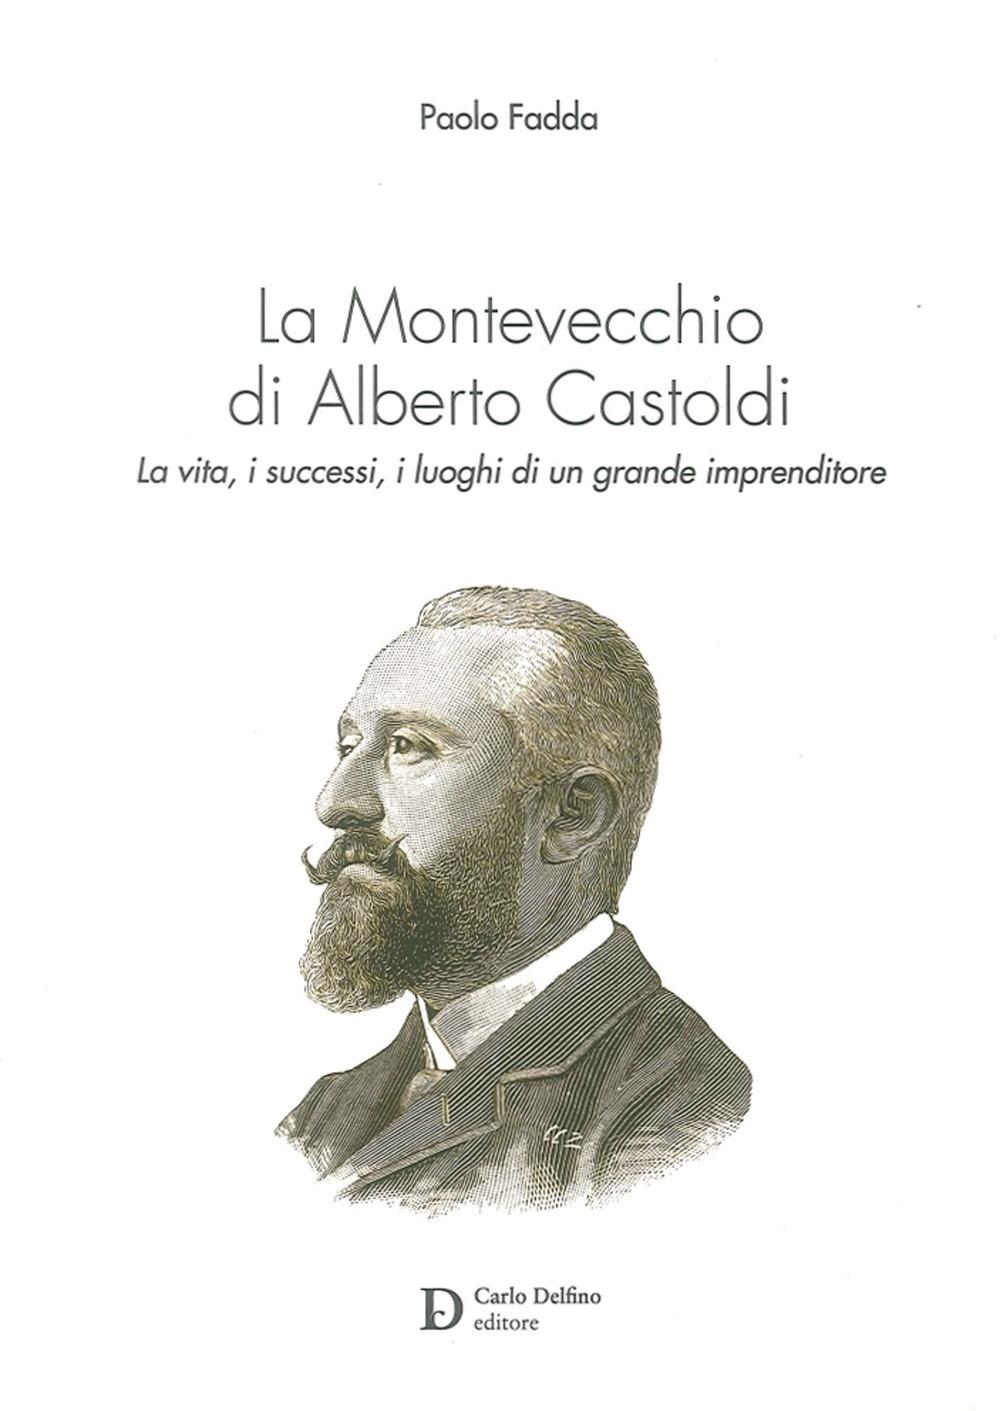 La Montevecchio di Alberto Castoldi.